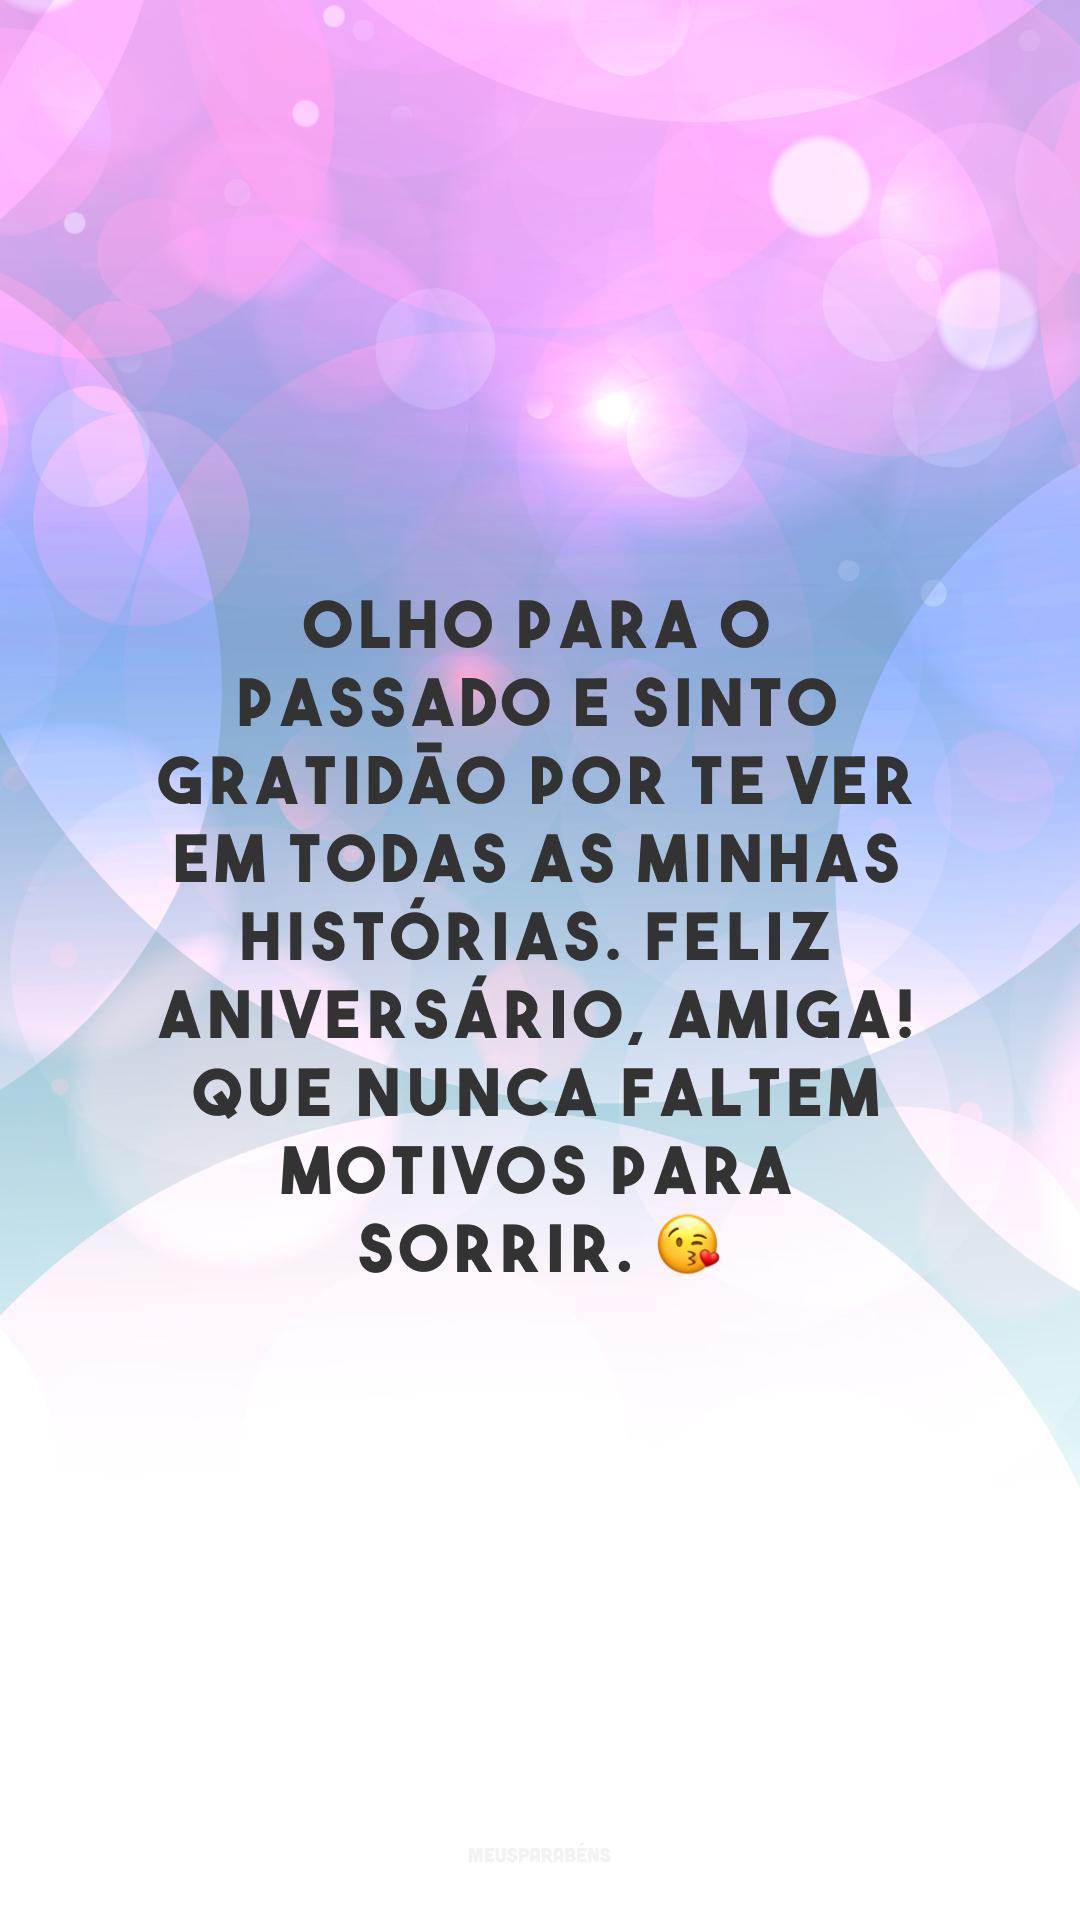 Olho para o passado e sinto gratidão por te ver em todas as minhas histórias. Feliz aniversário, amiga! Que nunca faltem motivos para sorrir. 😘